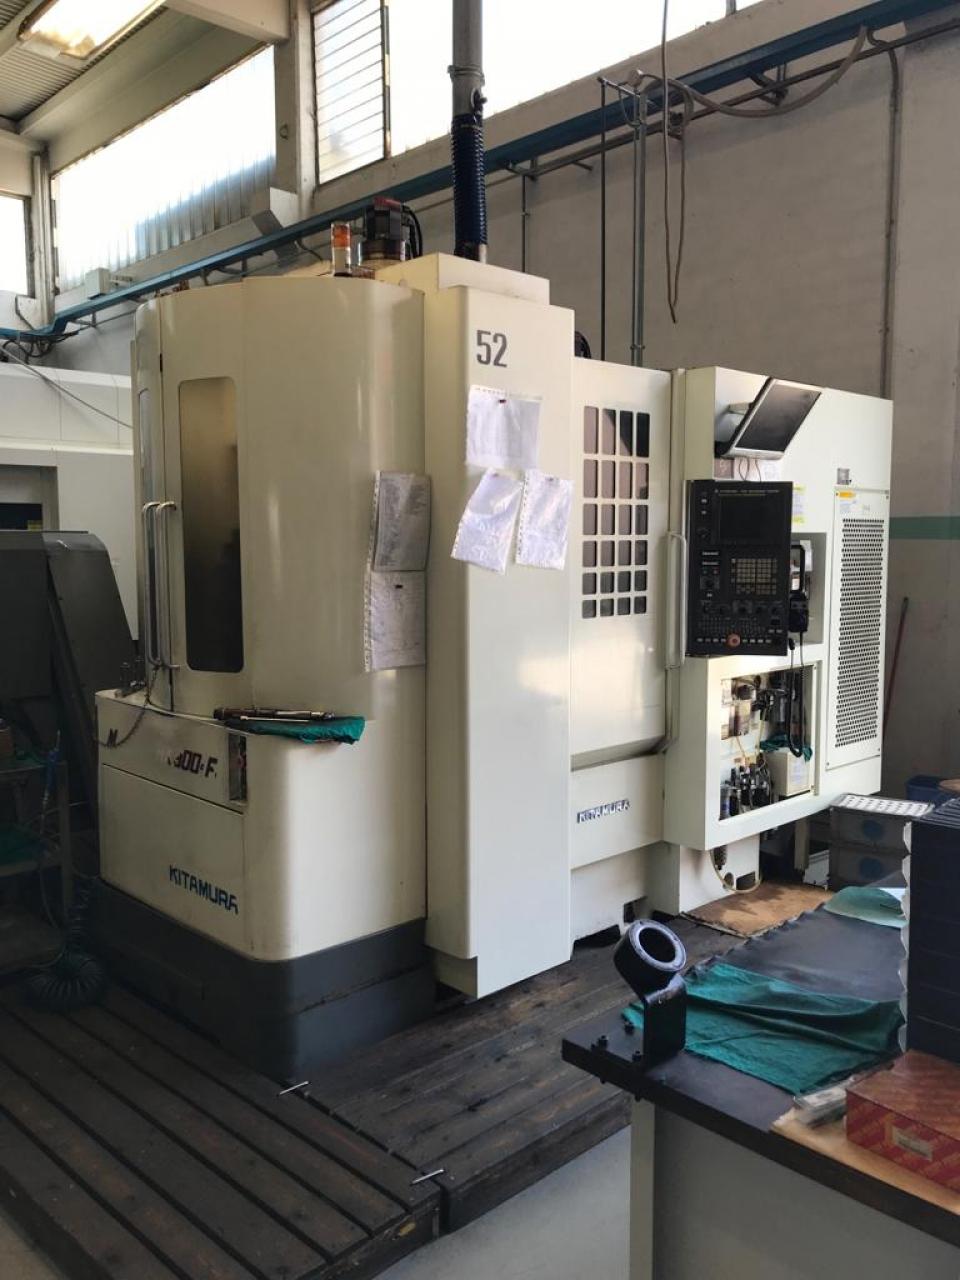 Centro di lavoro orizzontale KITAMURA HX 300 i - Foto integrale macchina